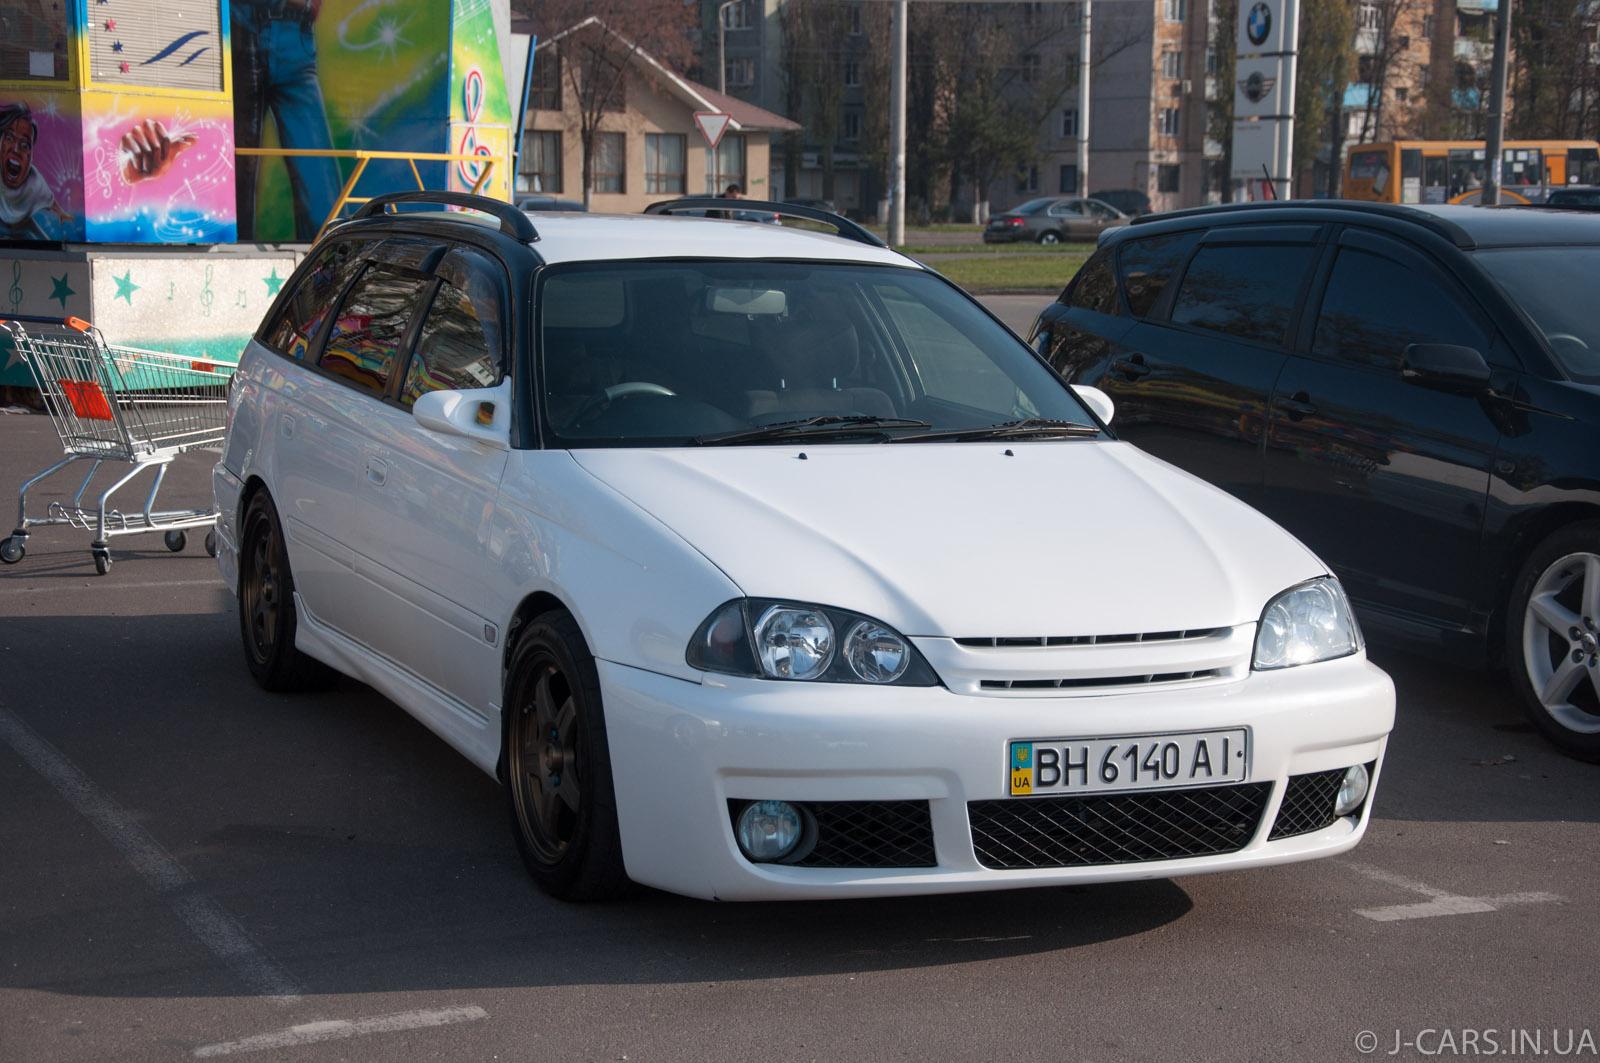 Сбор J-CARS.IN.UA Одесса